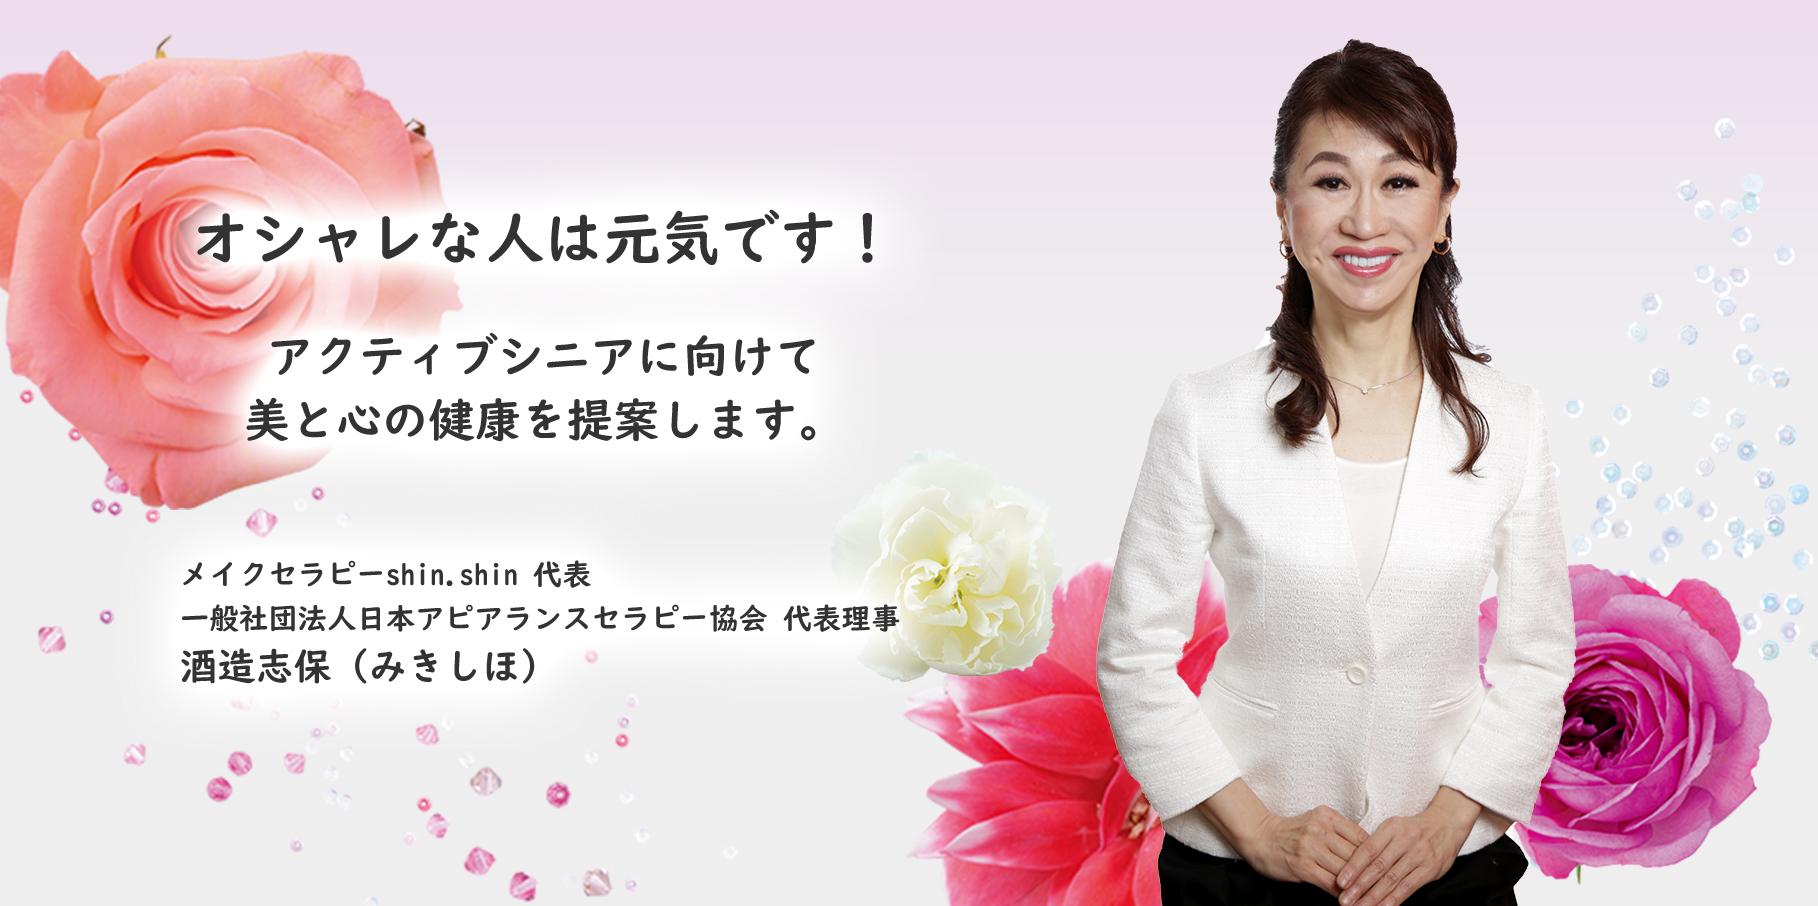 オシャレな人は元気です!アクティブシニアに向けて美と心の健康を提案します。メイクセラピーshin.shin 代表 一般社団法人日本アピアランスセラピー協会 代表理事 酒造志保(みきしほ)